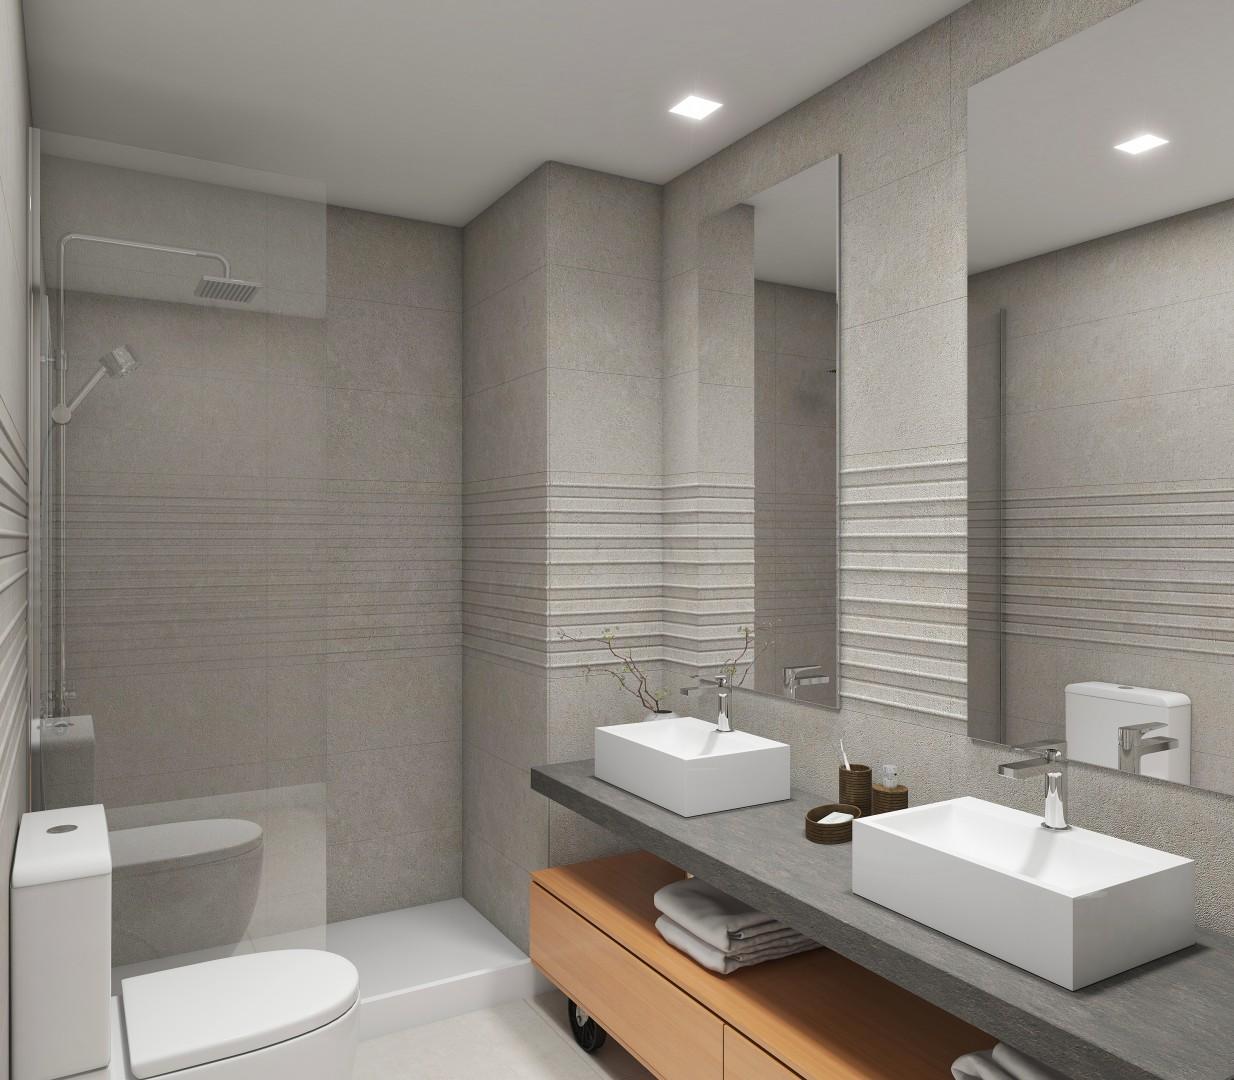 Nieuwbouw in Benalmadena. Appartementen met magnifiek uitzicht naar zee. PL.31